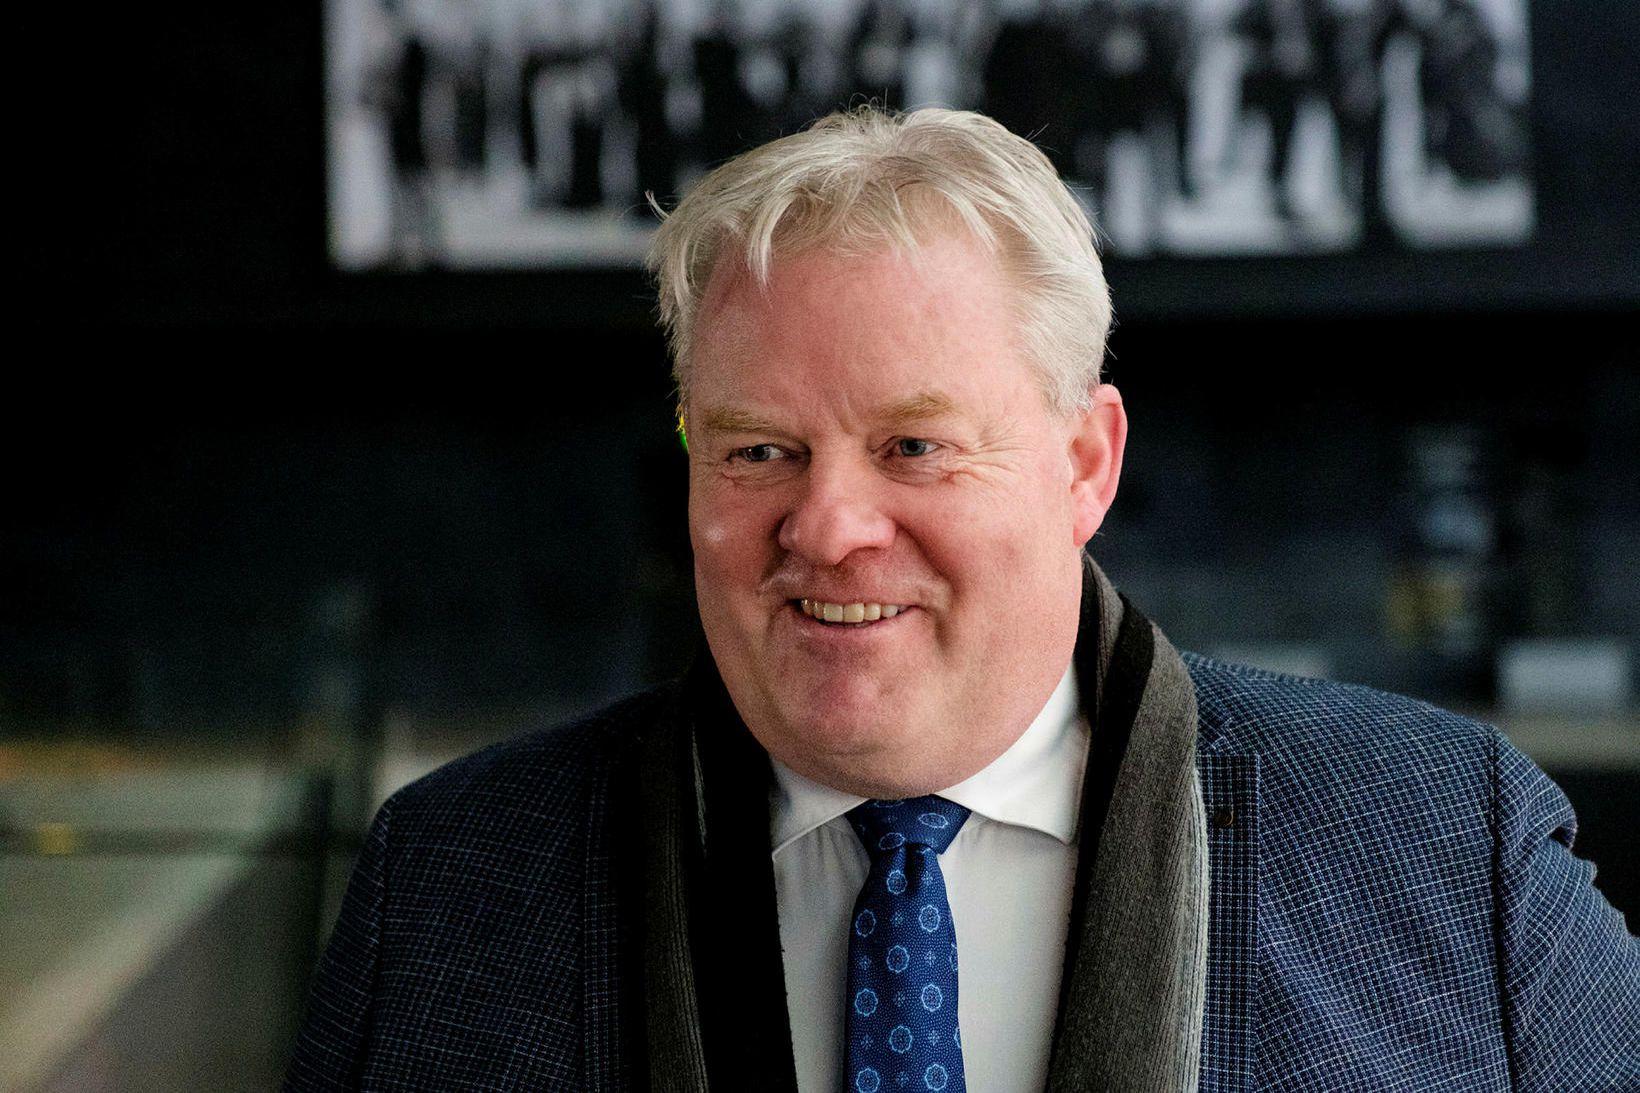 Sigurður Ingi Jóhannsson, sveitarstjórnar- og samgönguráðherra.